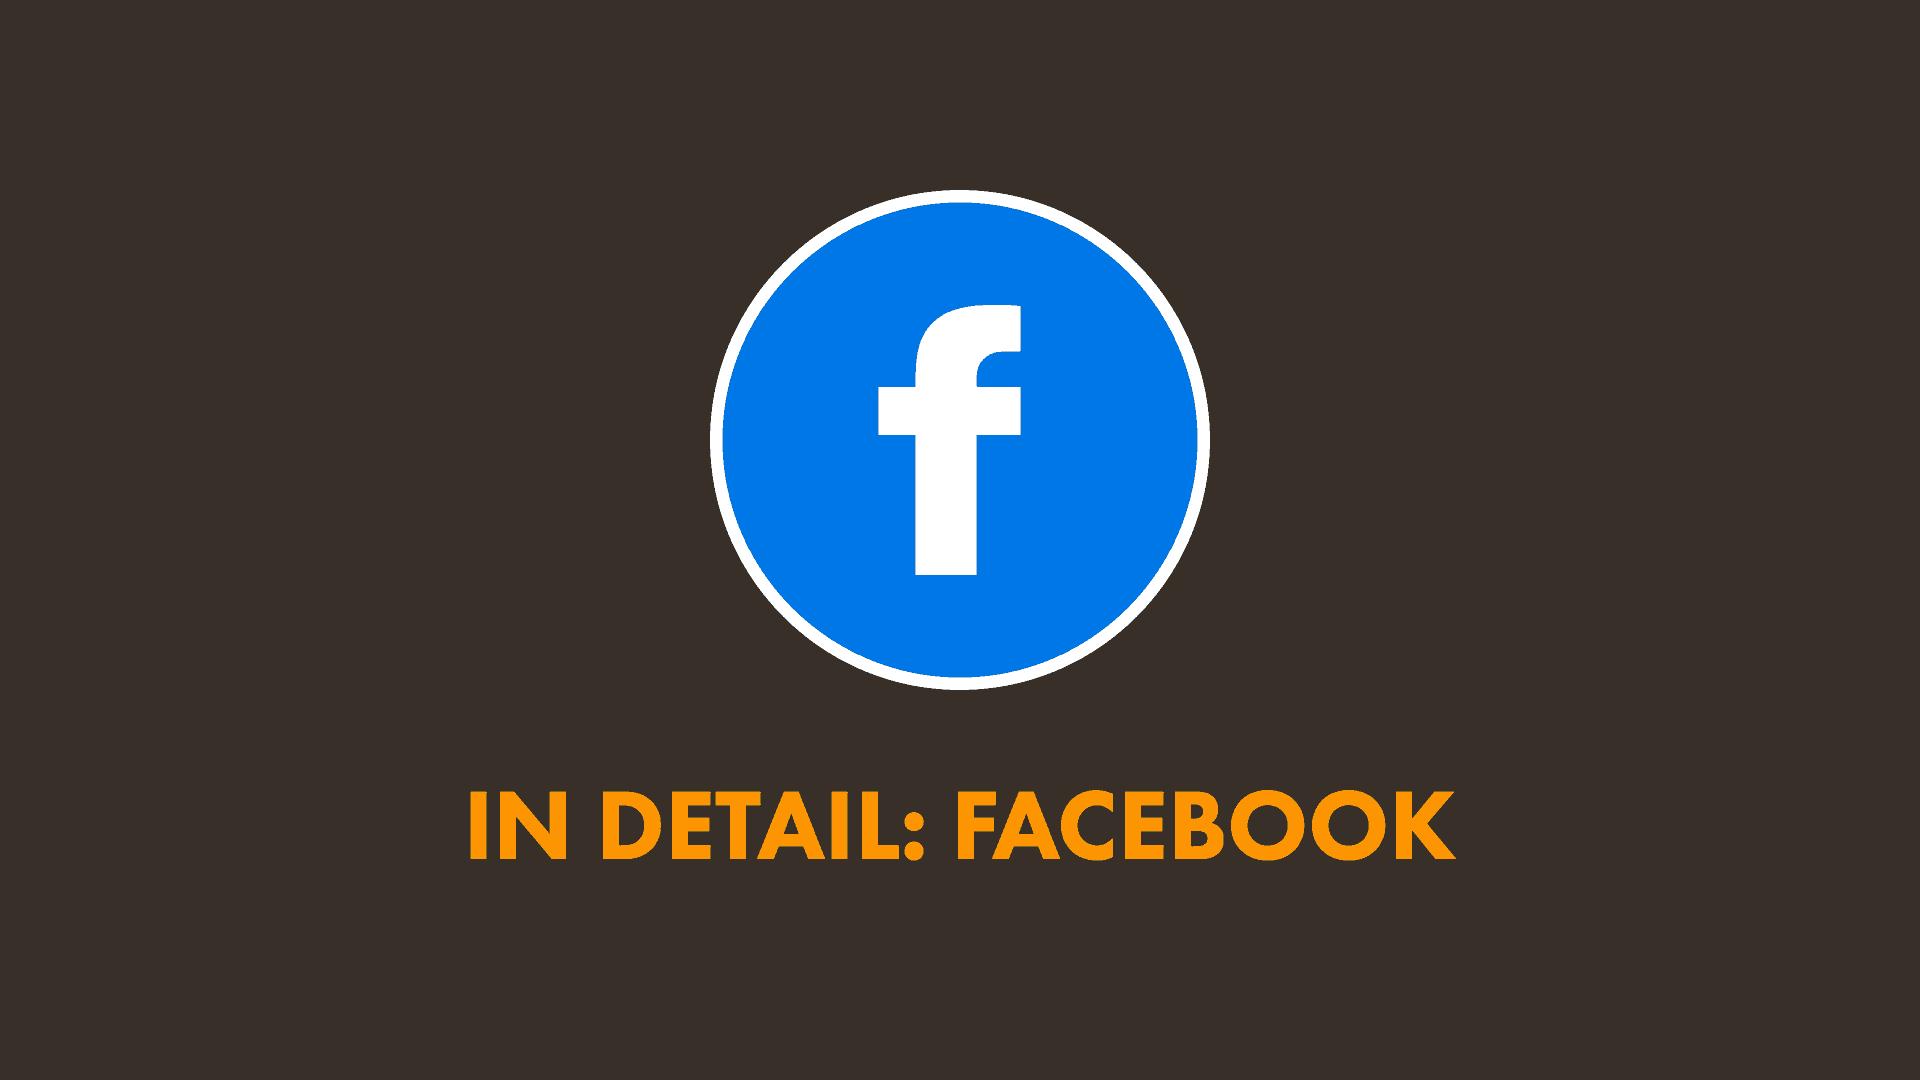 สรุปเทรนด์ Facebook ครึ่งปีแรกจากรายงาน Digital 2020 – We Are Social